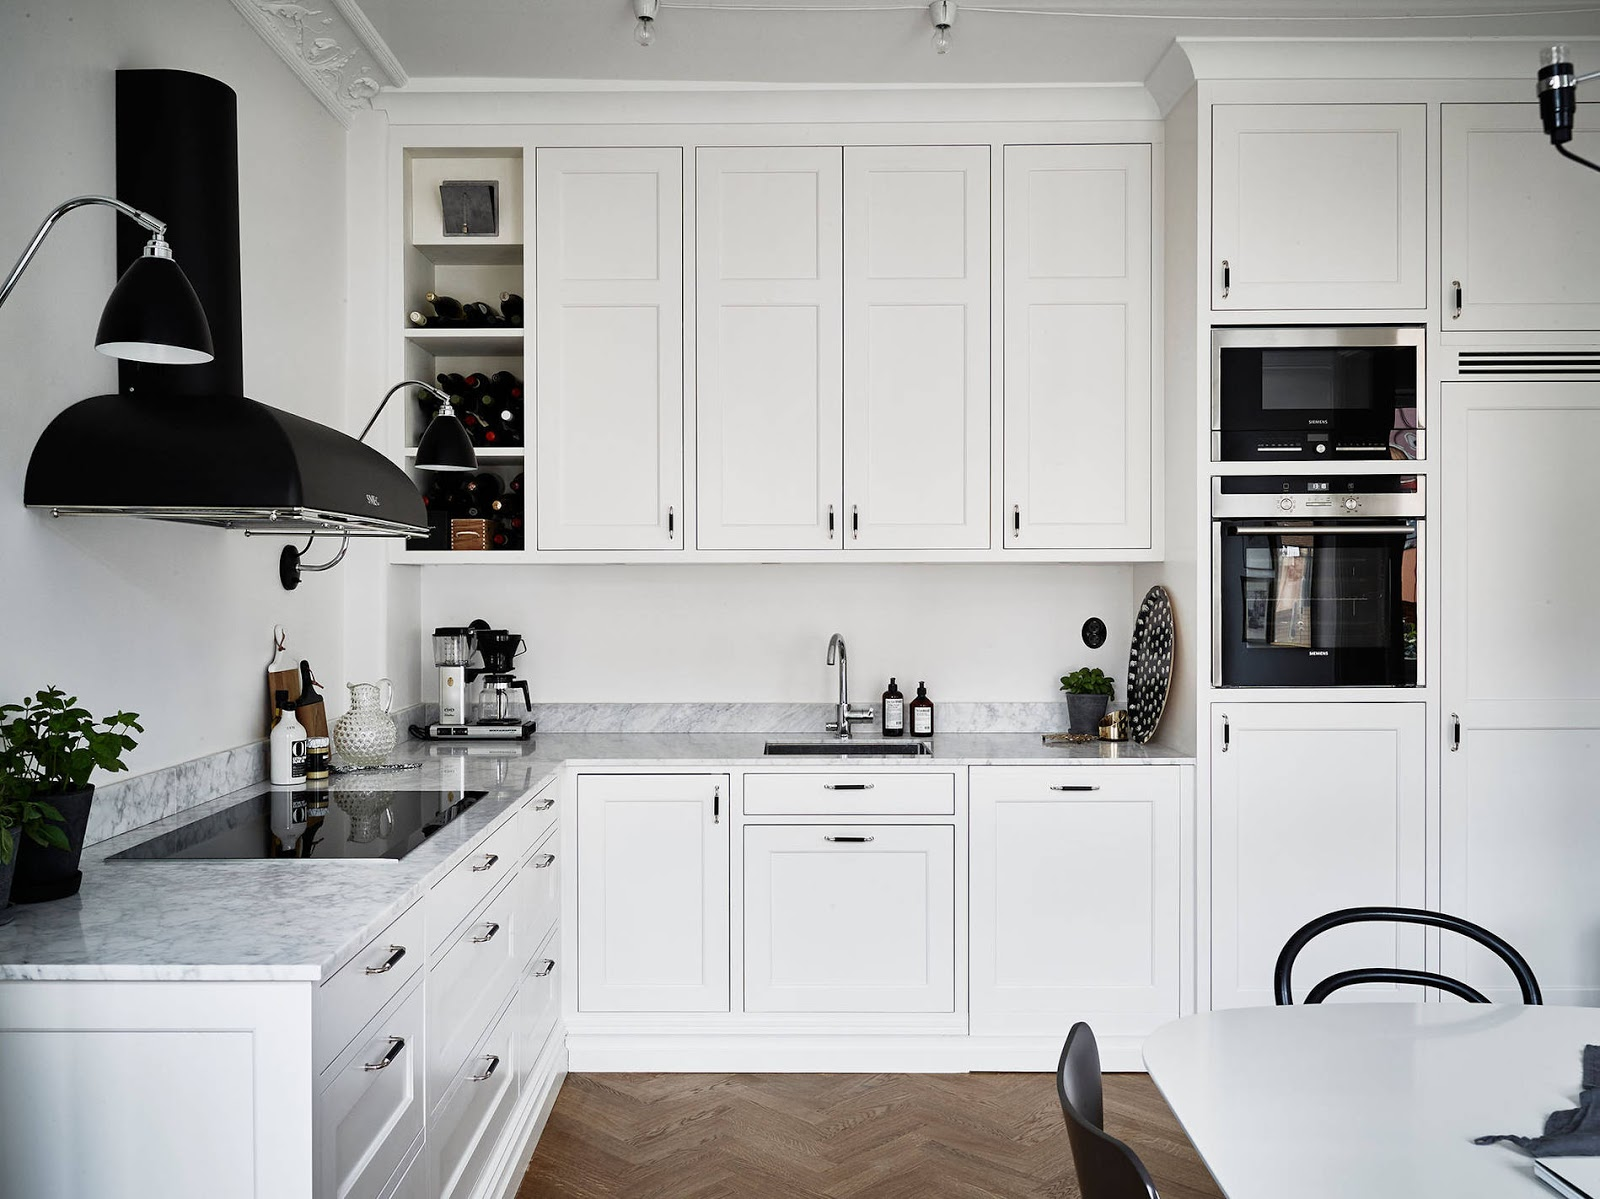 Cucina Soffitti Alti : Cucina soffitti alti alcuni utili consigli per decorare e